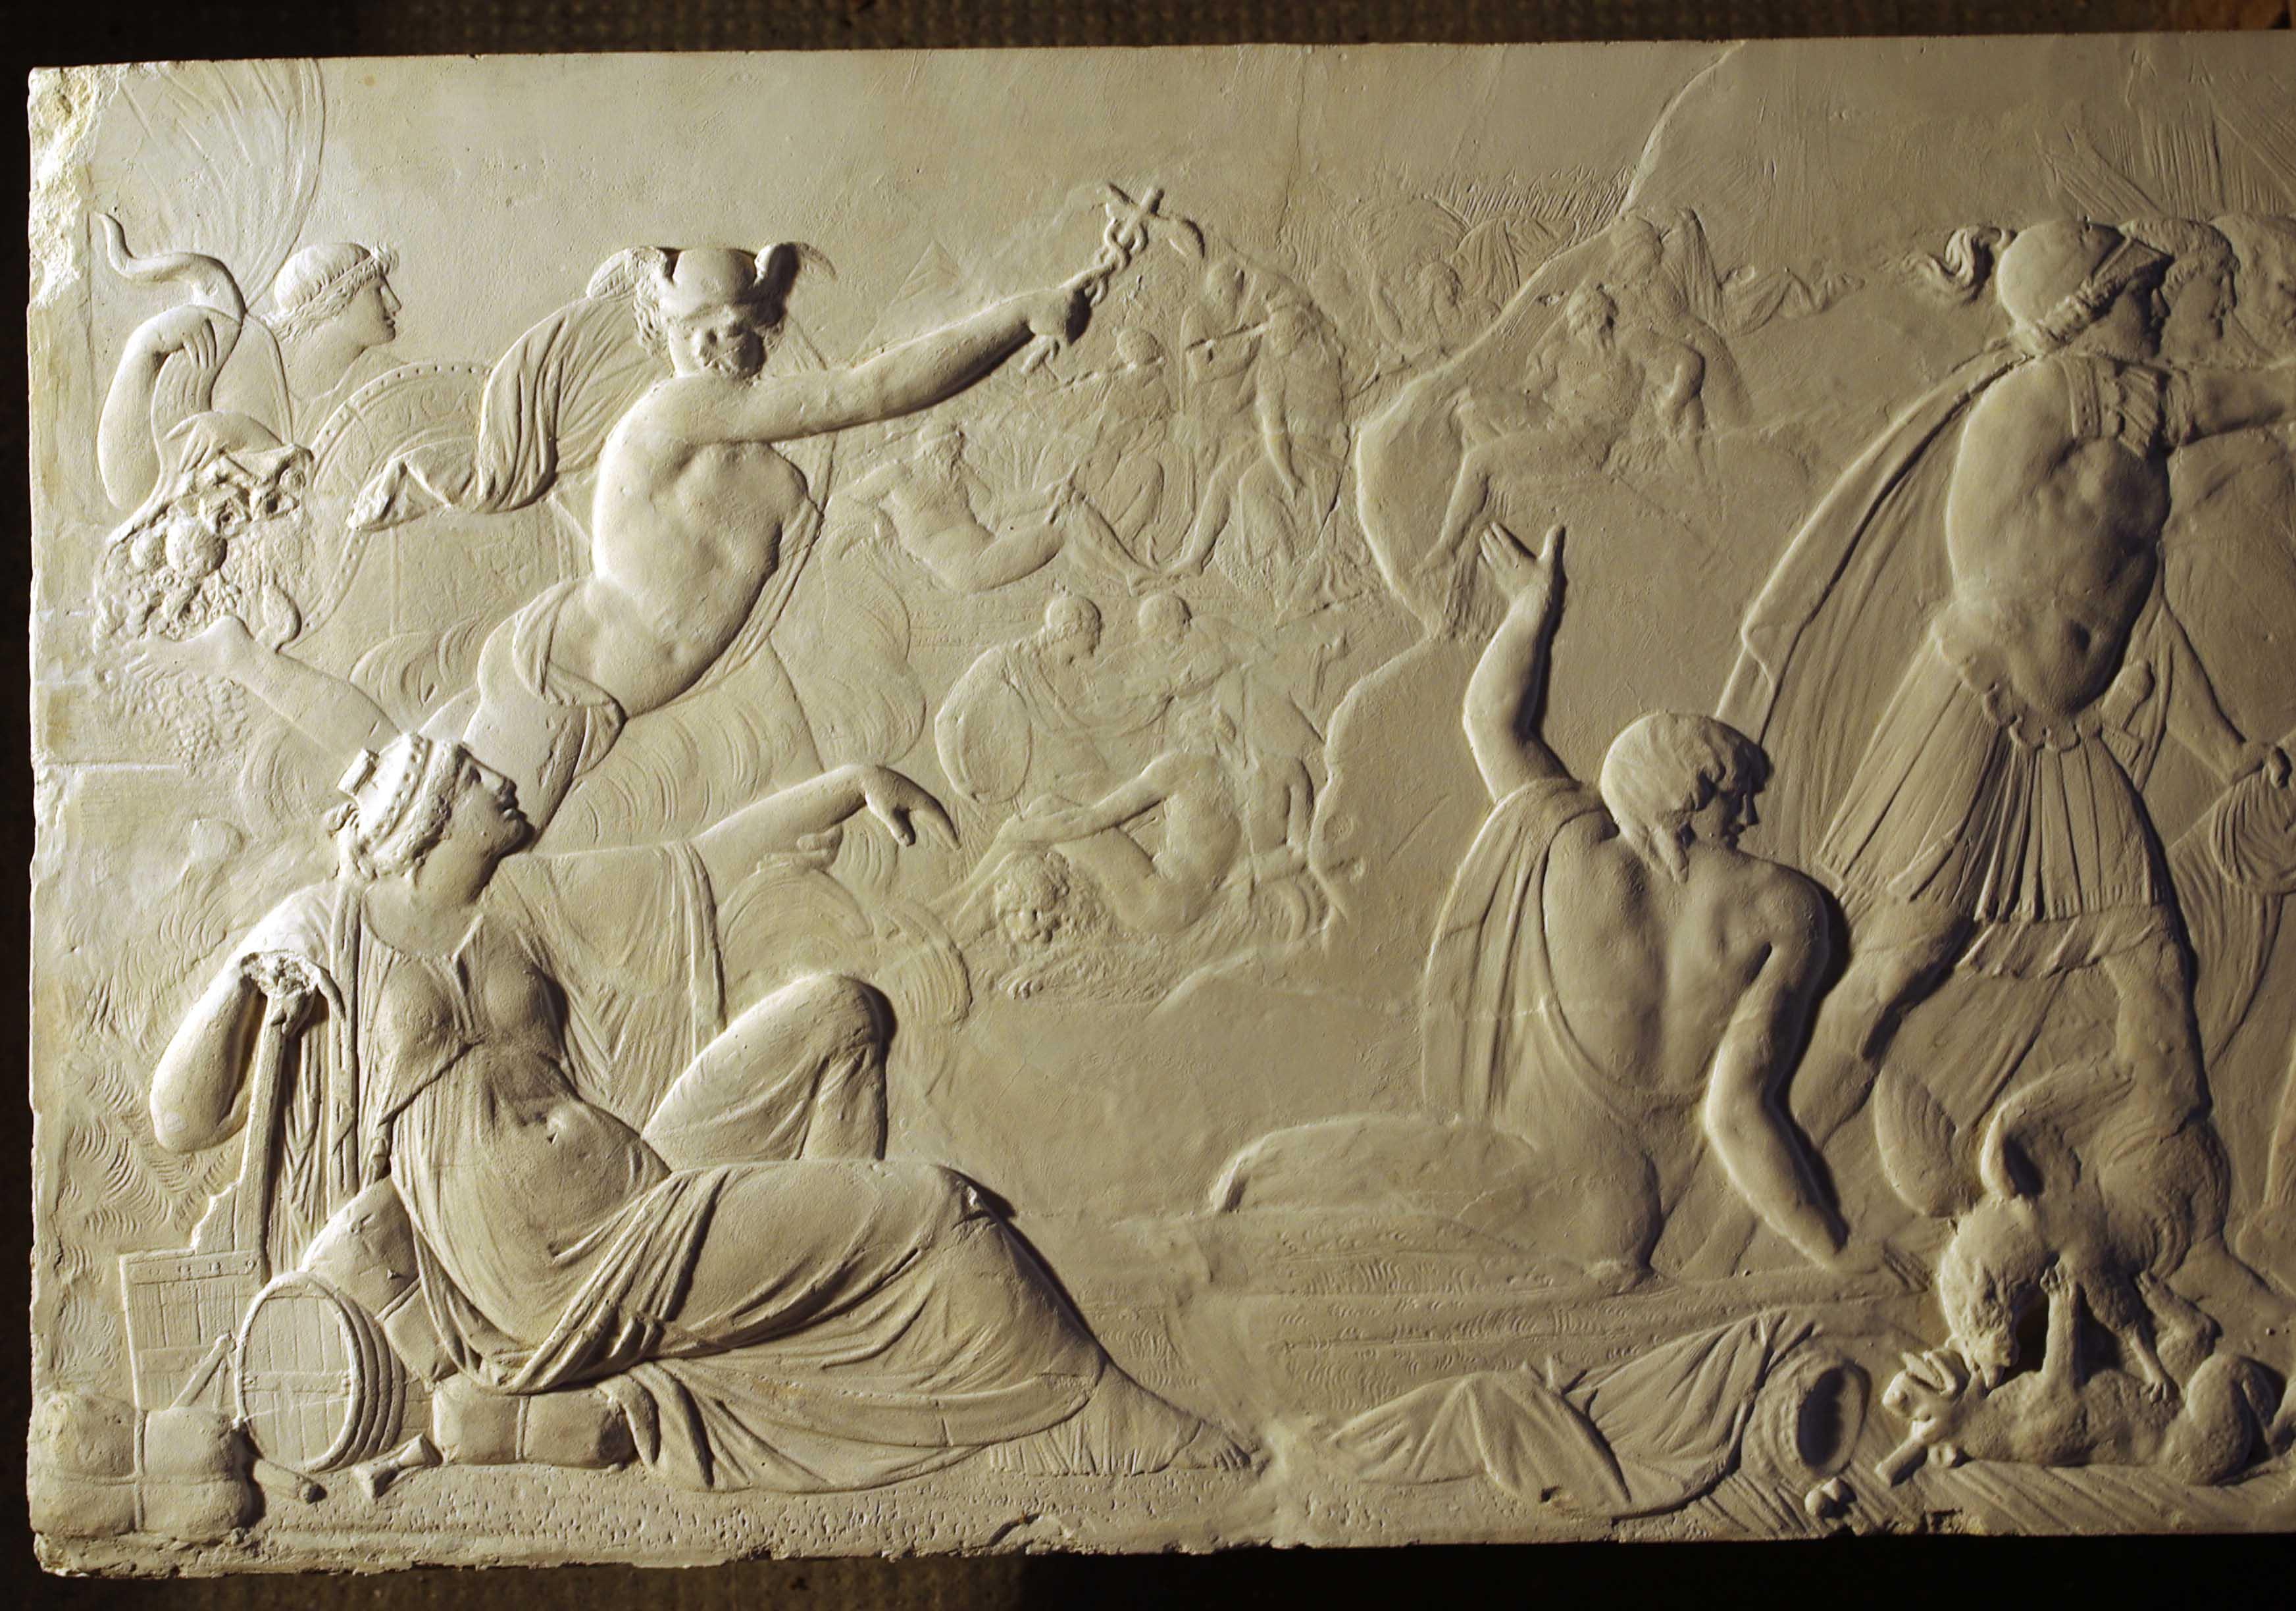 Fulbert Dubois restauration patrimoine sculpture restauration relief plâtre après